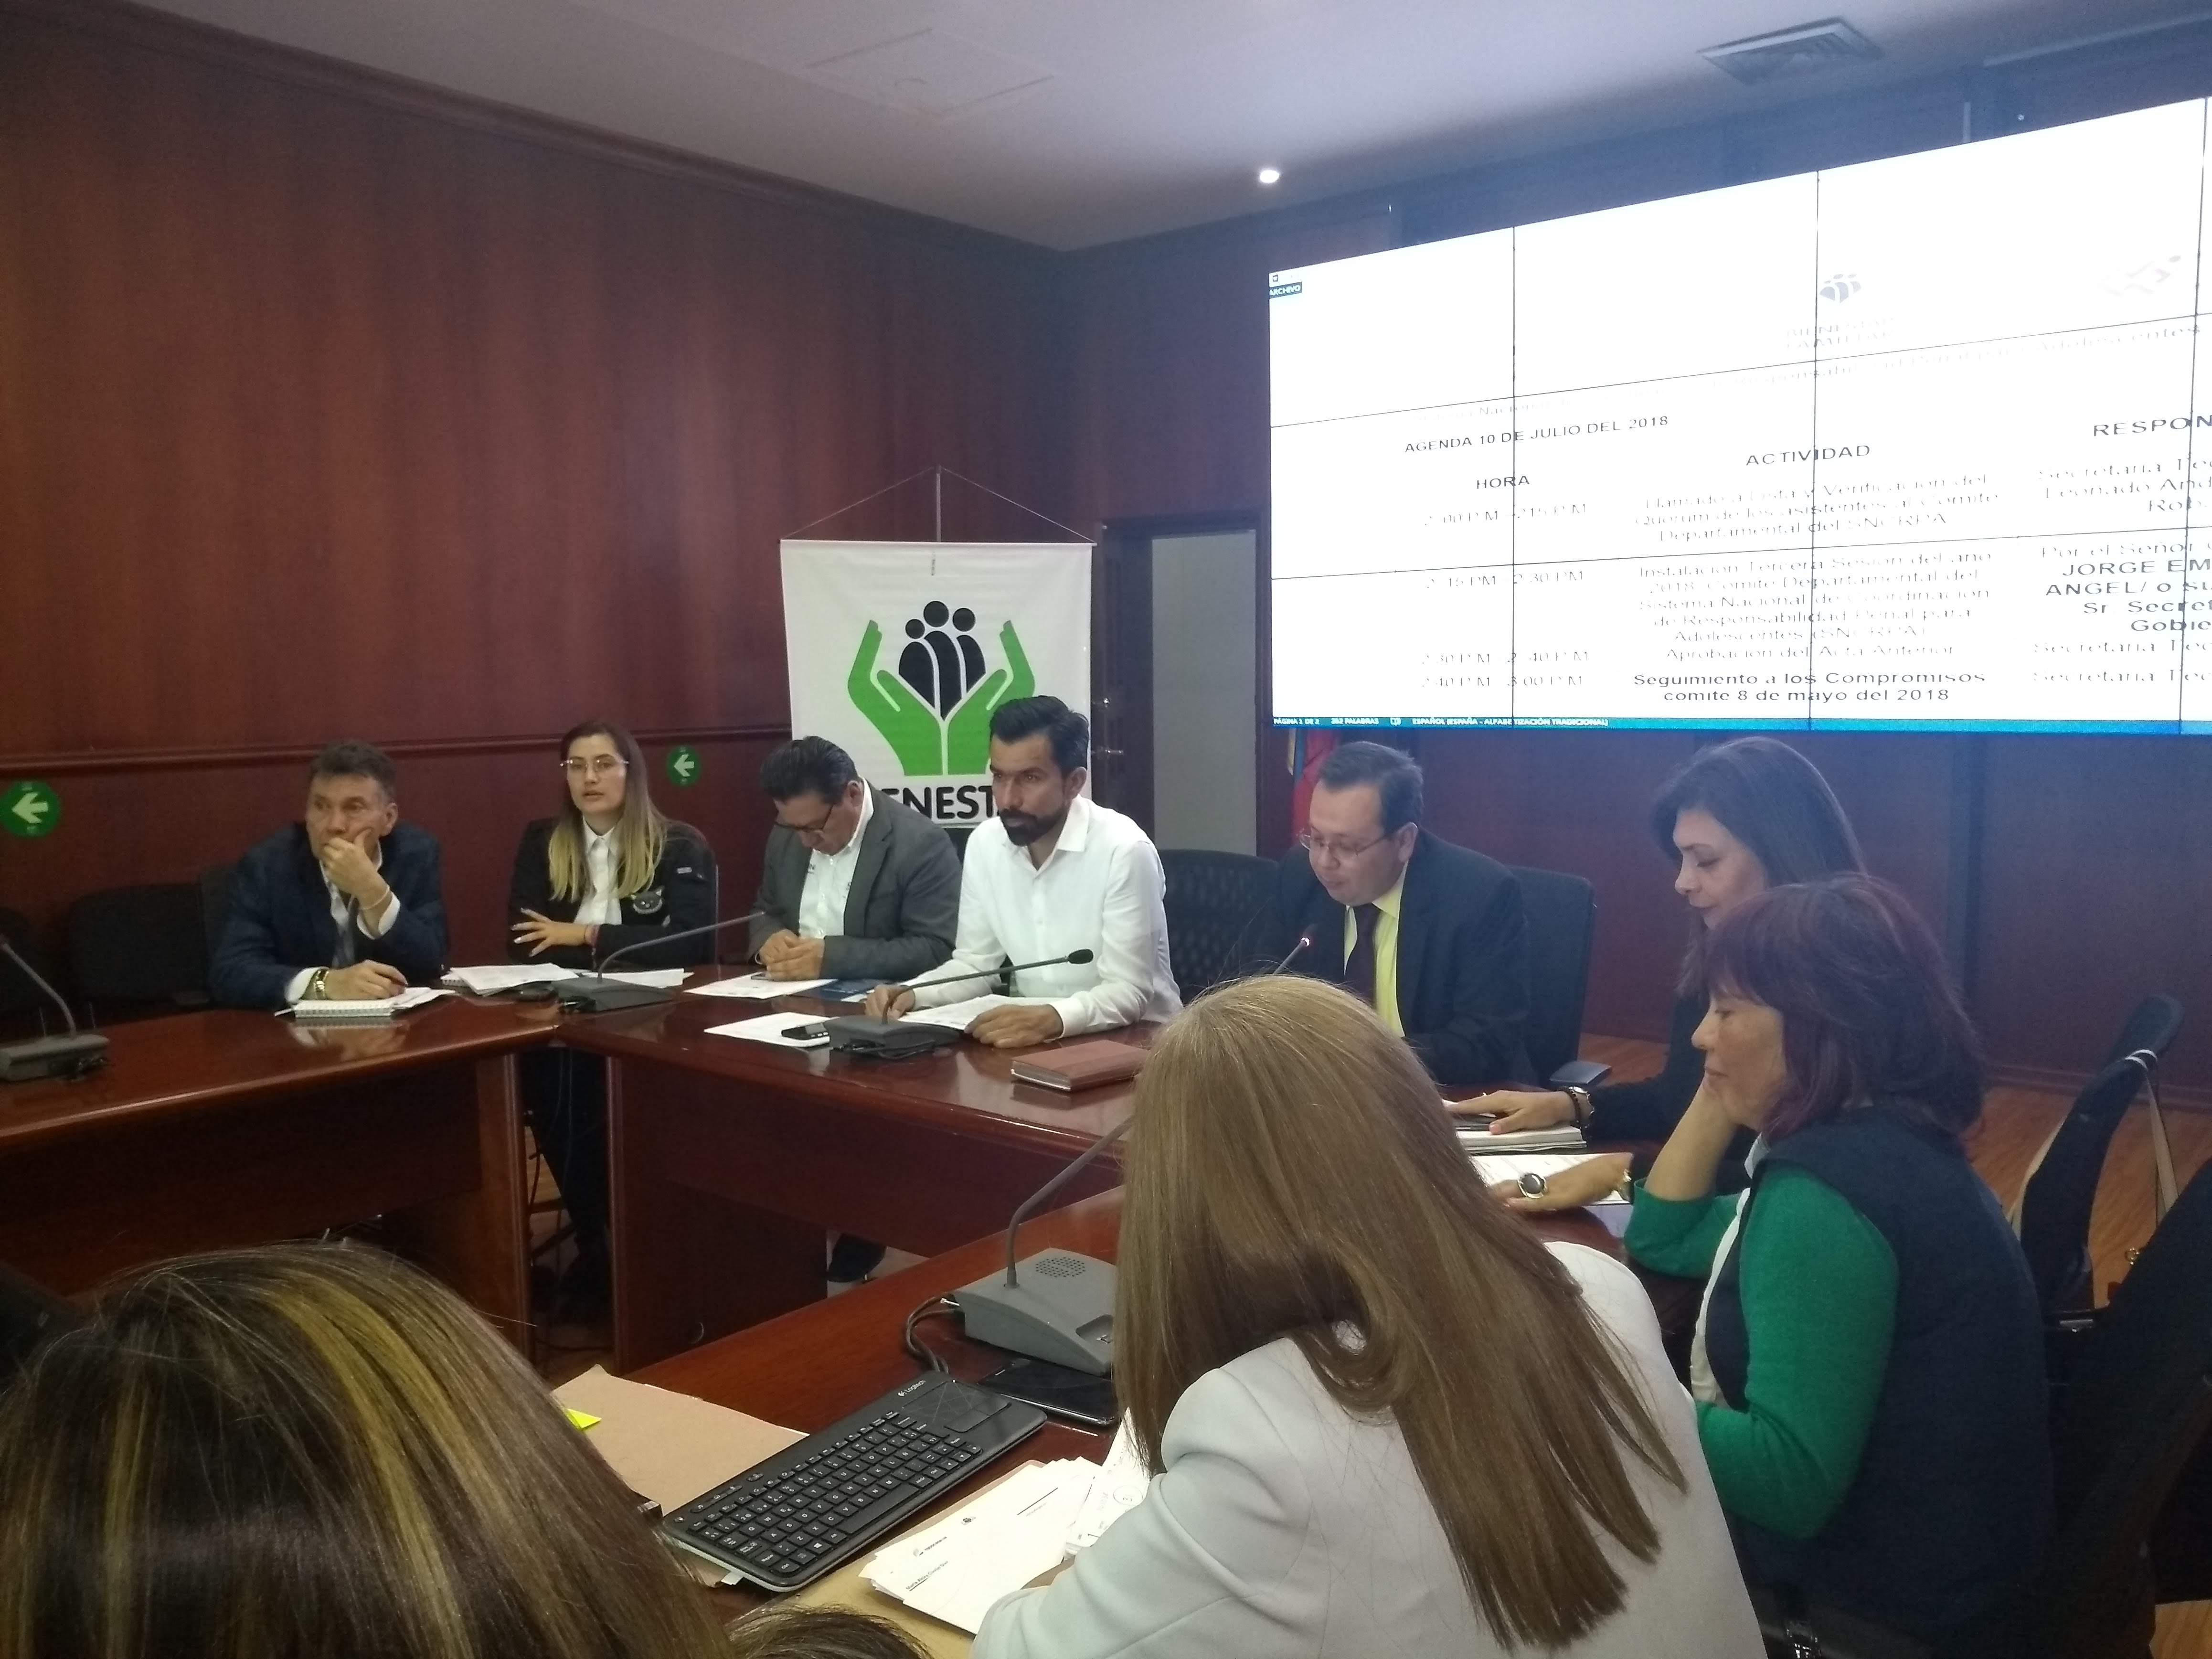 Centros Transitorios para adolescentes en Cundinamarca